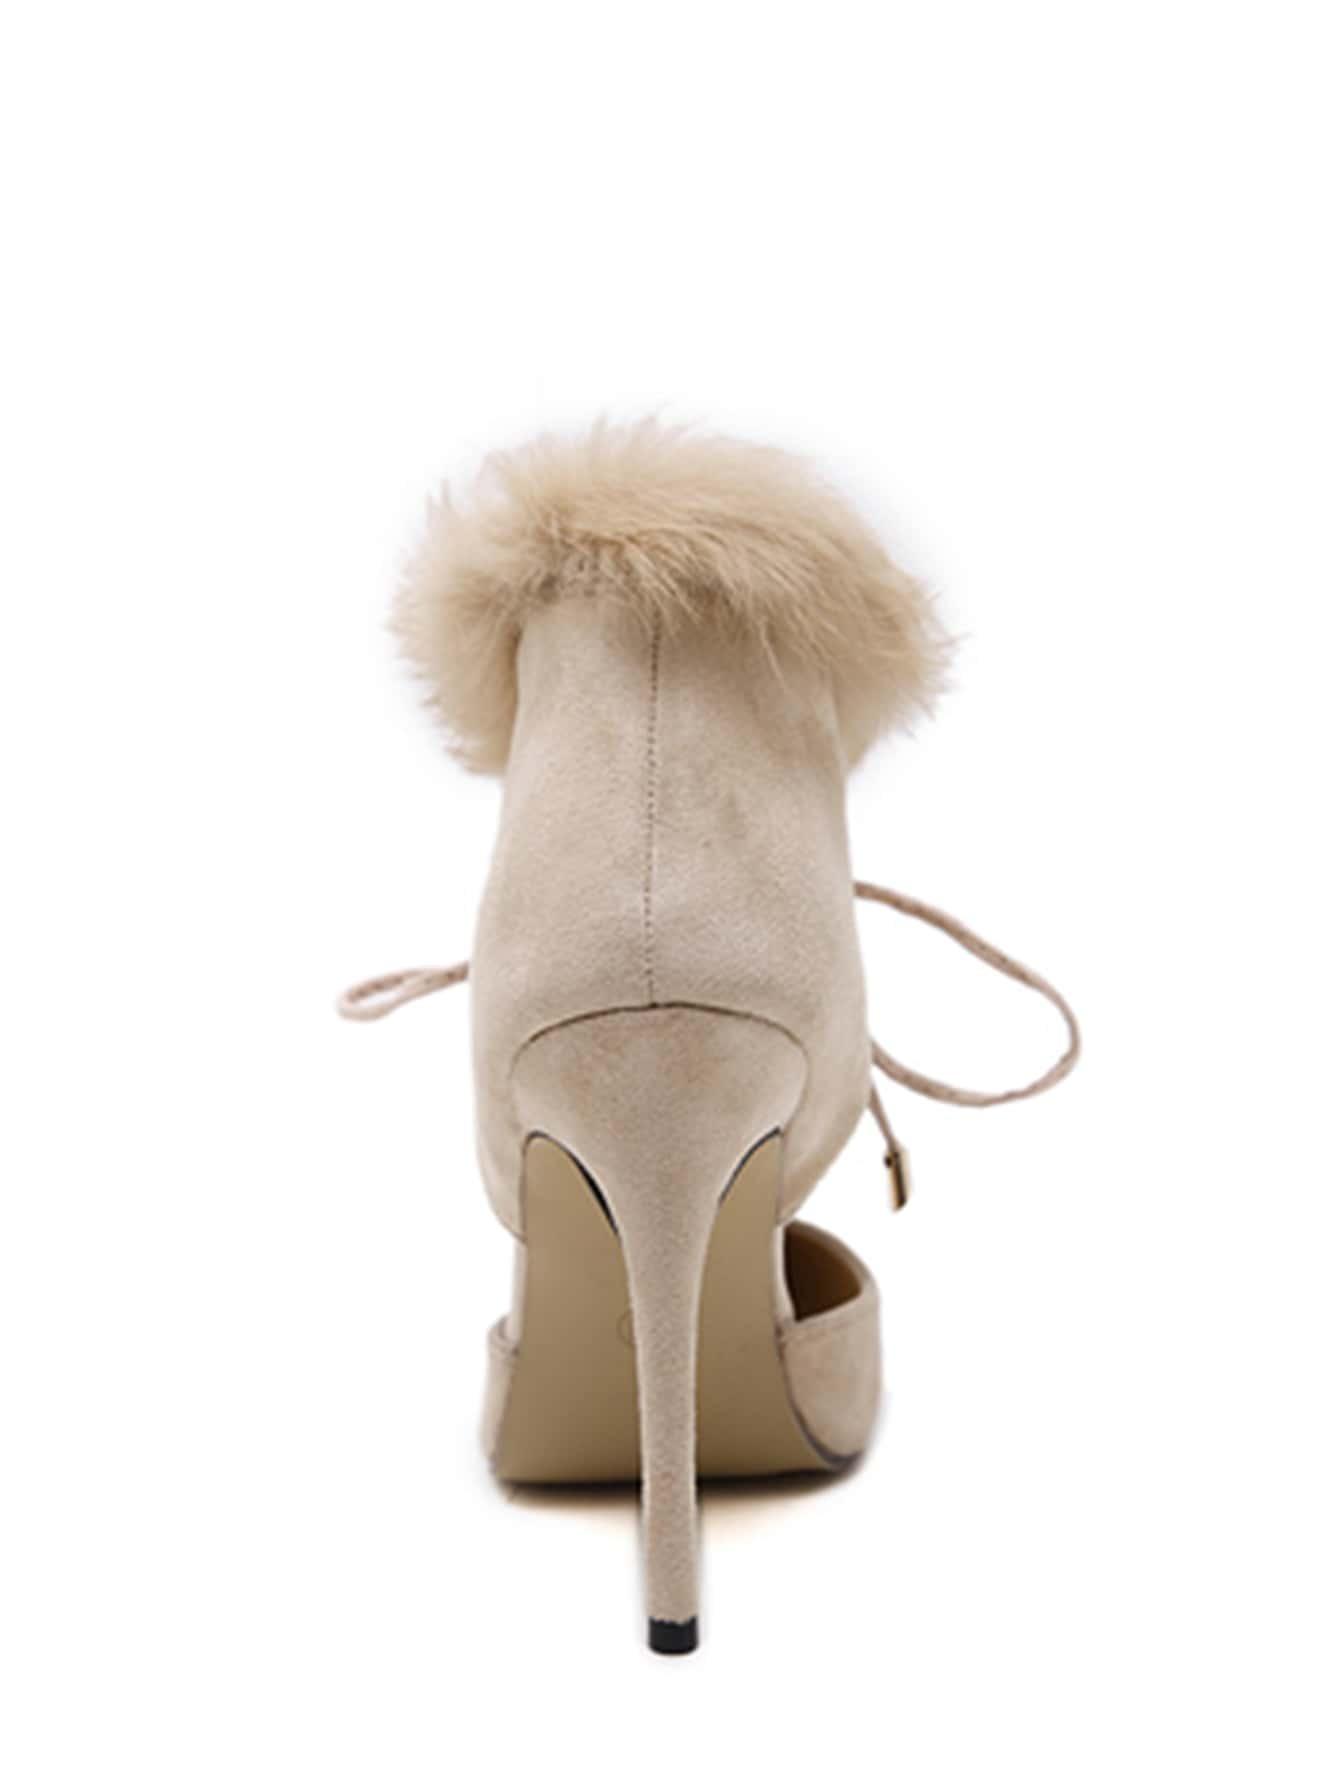 shoes161017803_2